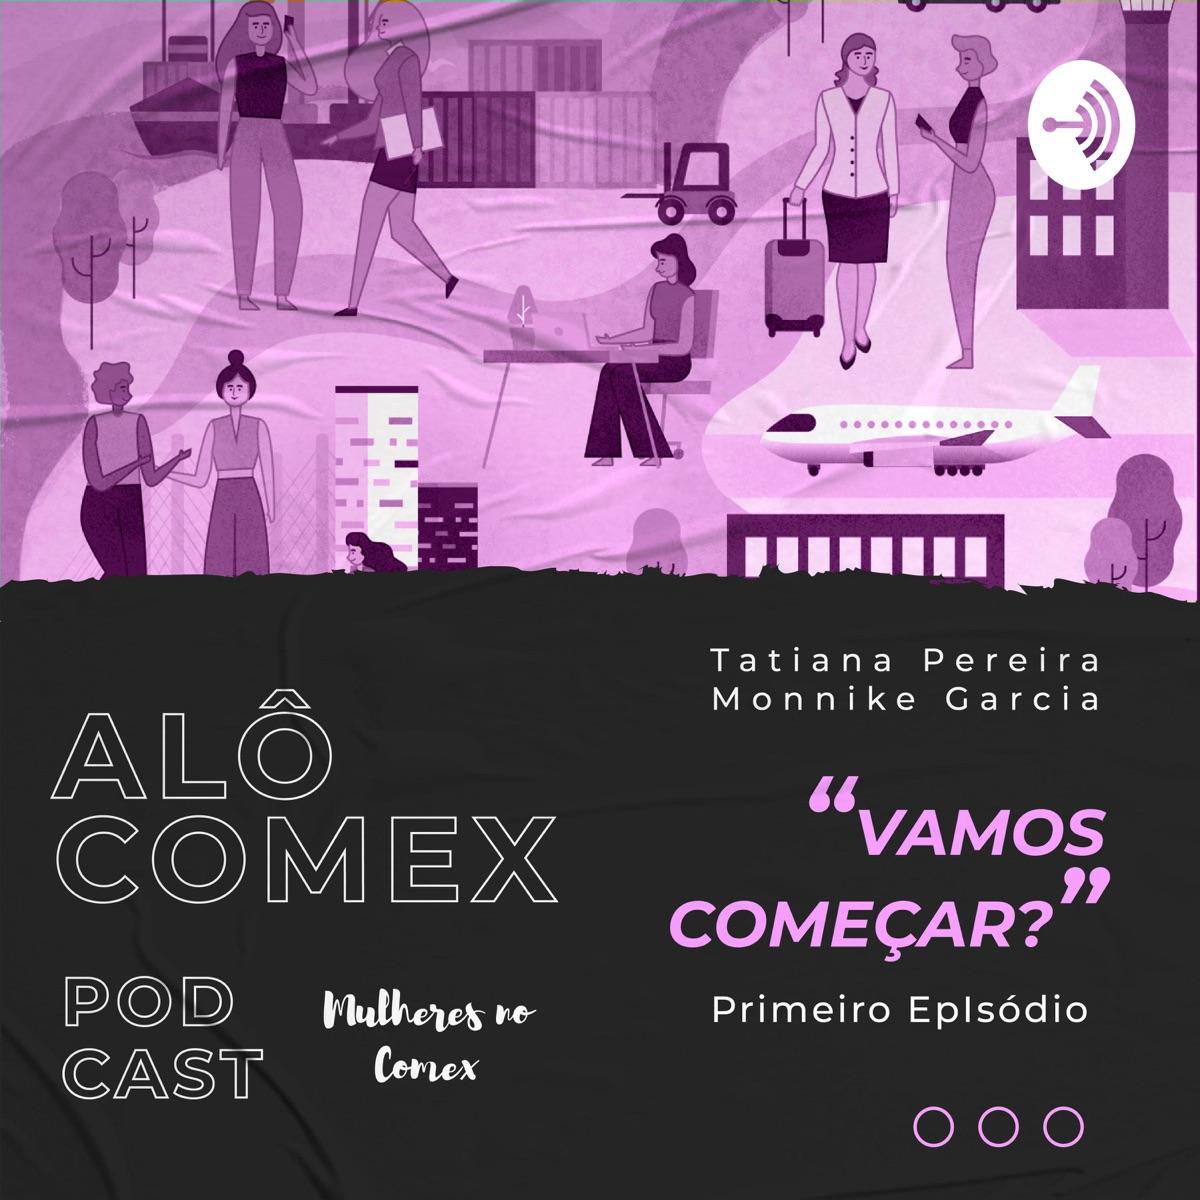 Alô COMEX